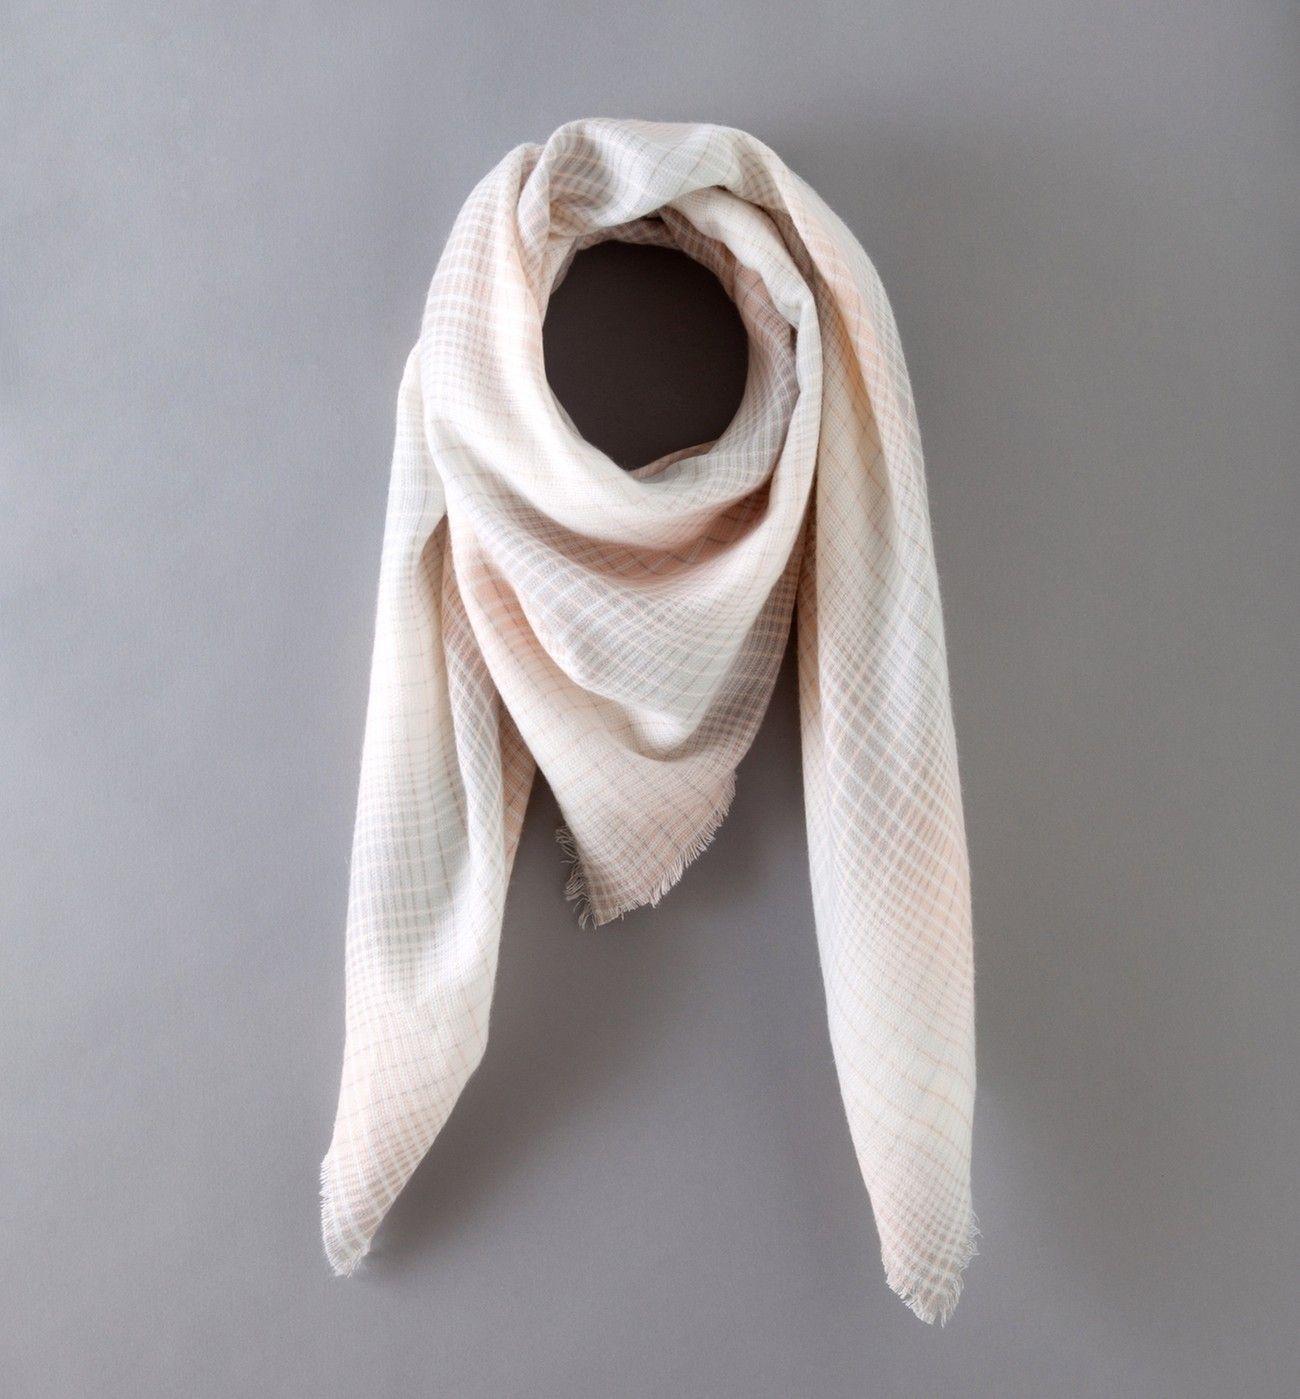 Les foulards, écharpes, chèches et étoles pour femmes sont sur la boutique  en ligne Promod   mode femme - Livraison et Retour gratuits en boutique. 41152a3be12